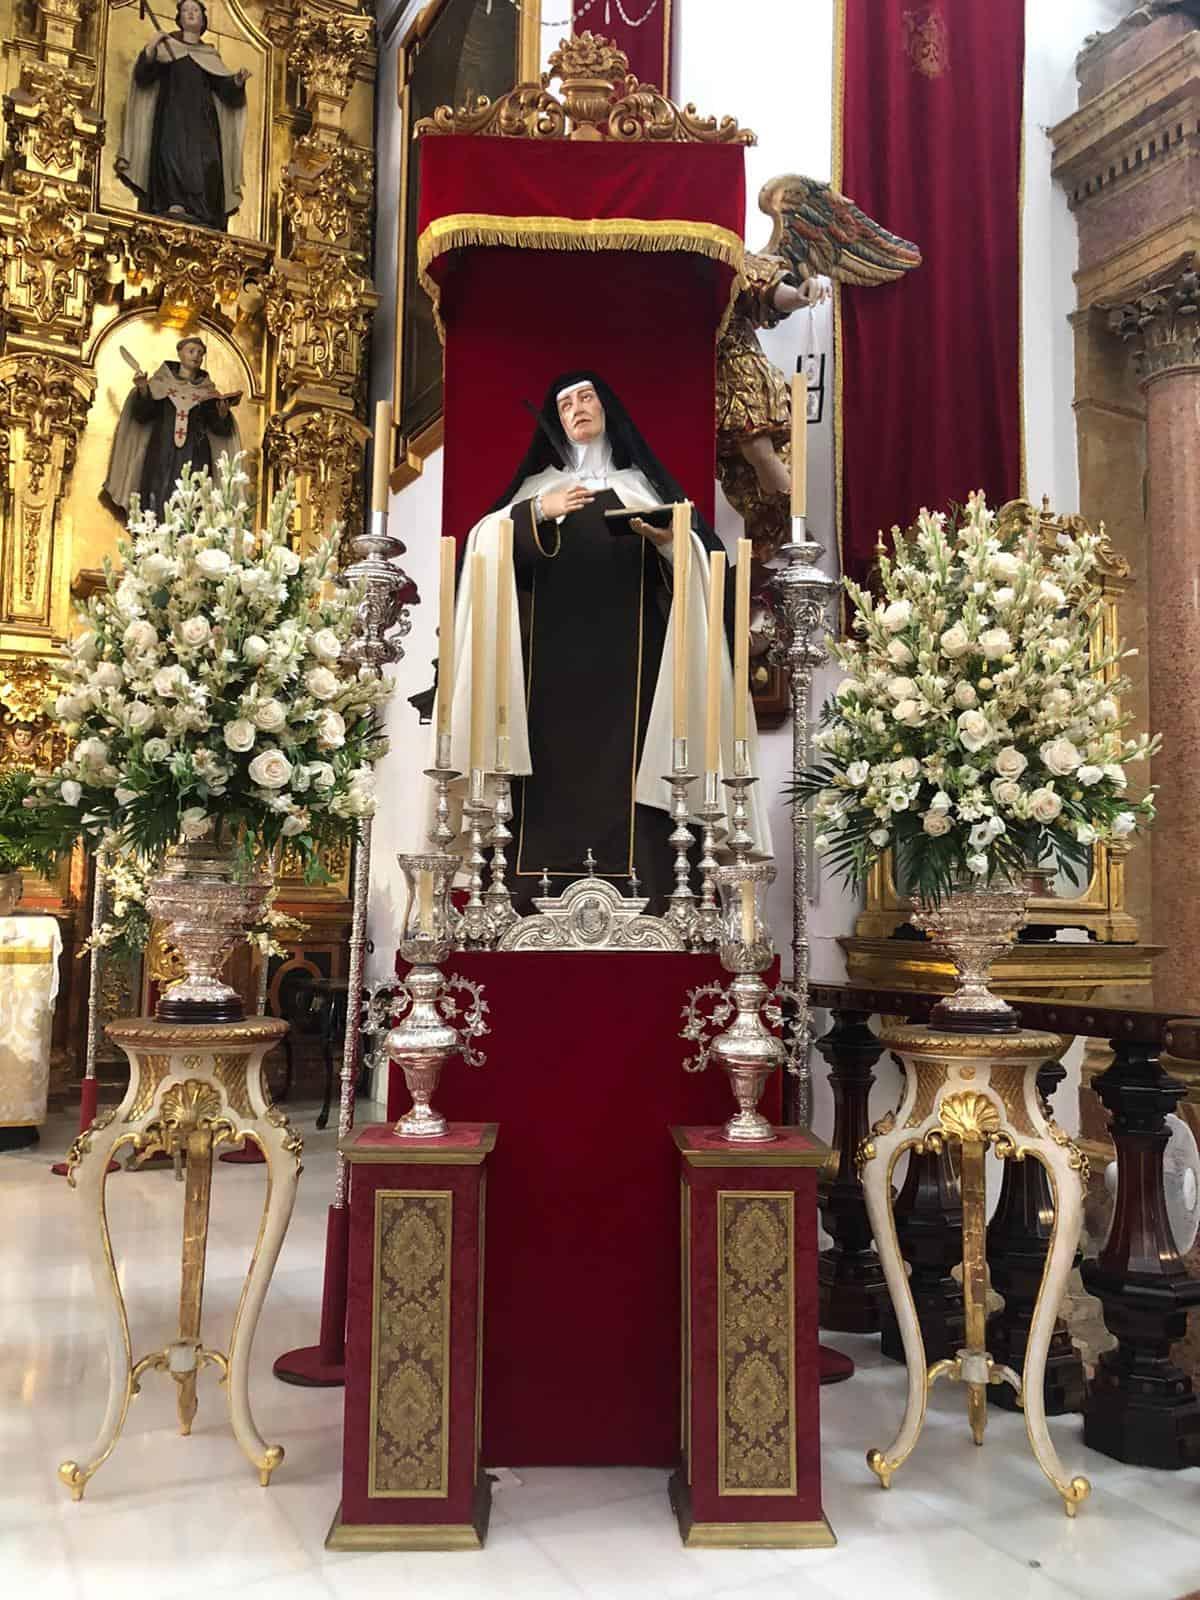 Hoy comienza el Triduo en honor a Santa Teresa de Jesús